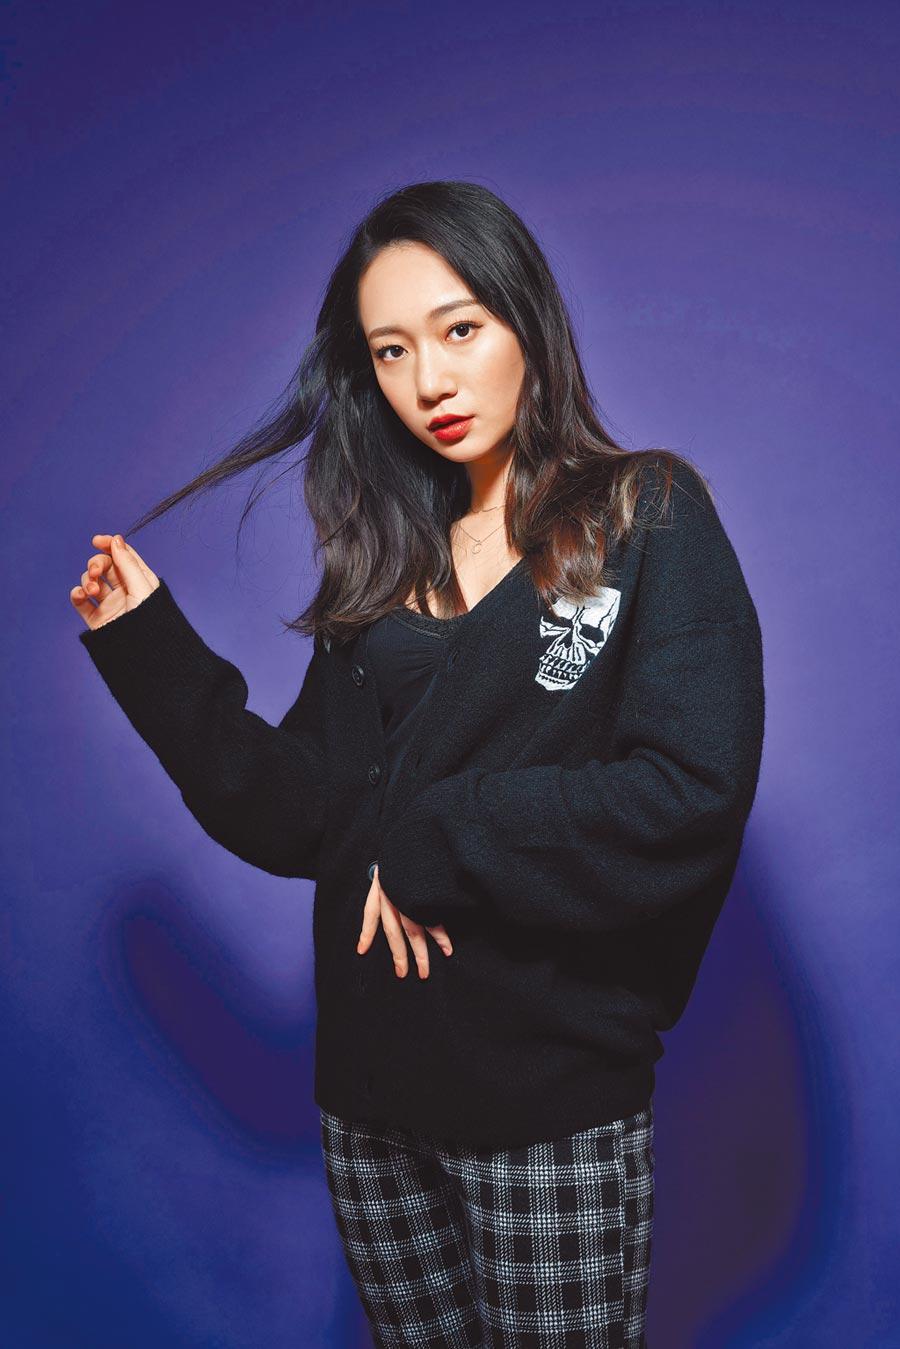 吳卓源9月開唱,將邀請在迷你專輯中合作的歌手擔任嘉賓。(寬宏藝術、華風數位提供)